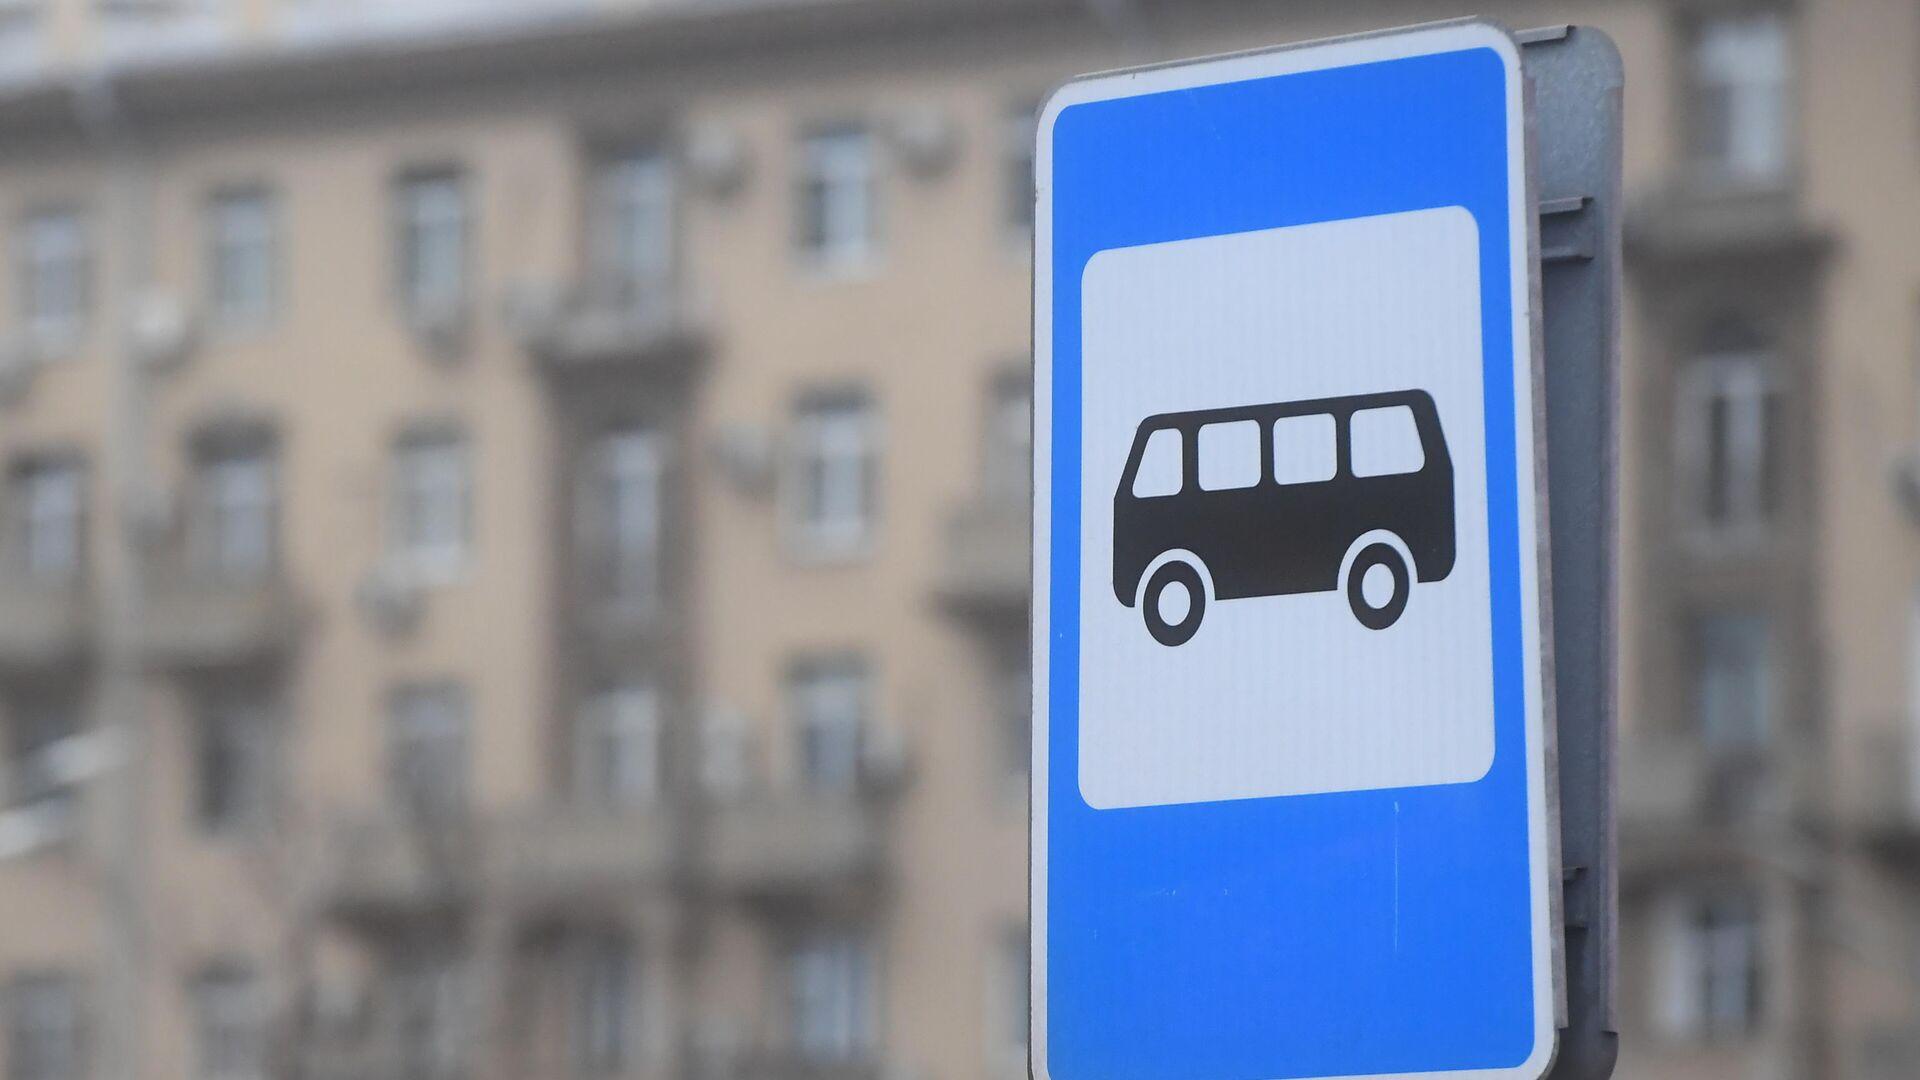 Дорожный знак Остановка автобуса  - РИА Новости, 1920, 12.11.2019